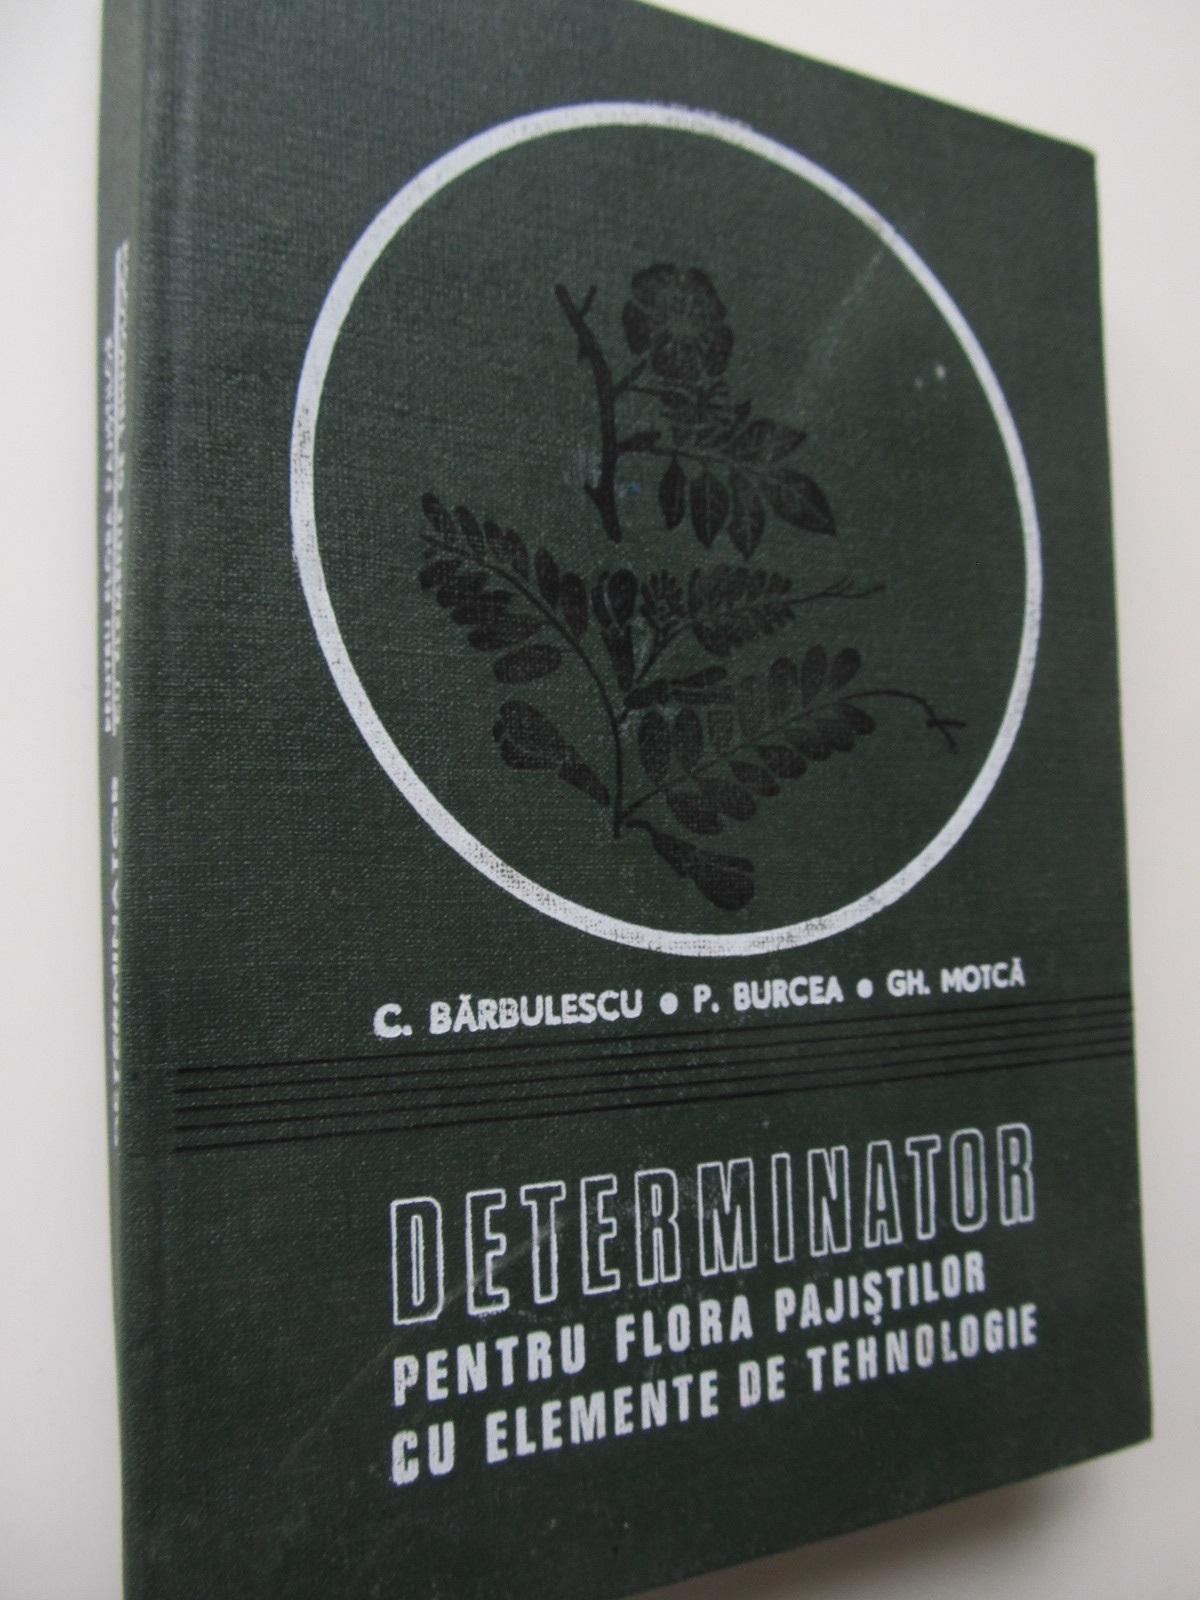 Determinator pentru flora pajistilor cu elemente de tehnologie - C. Barbulescu , P. Burcea , Gh. Motoca | Detalii carte